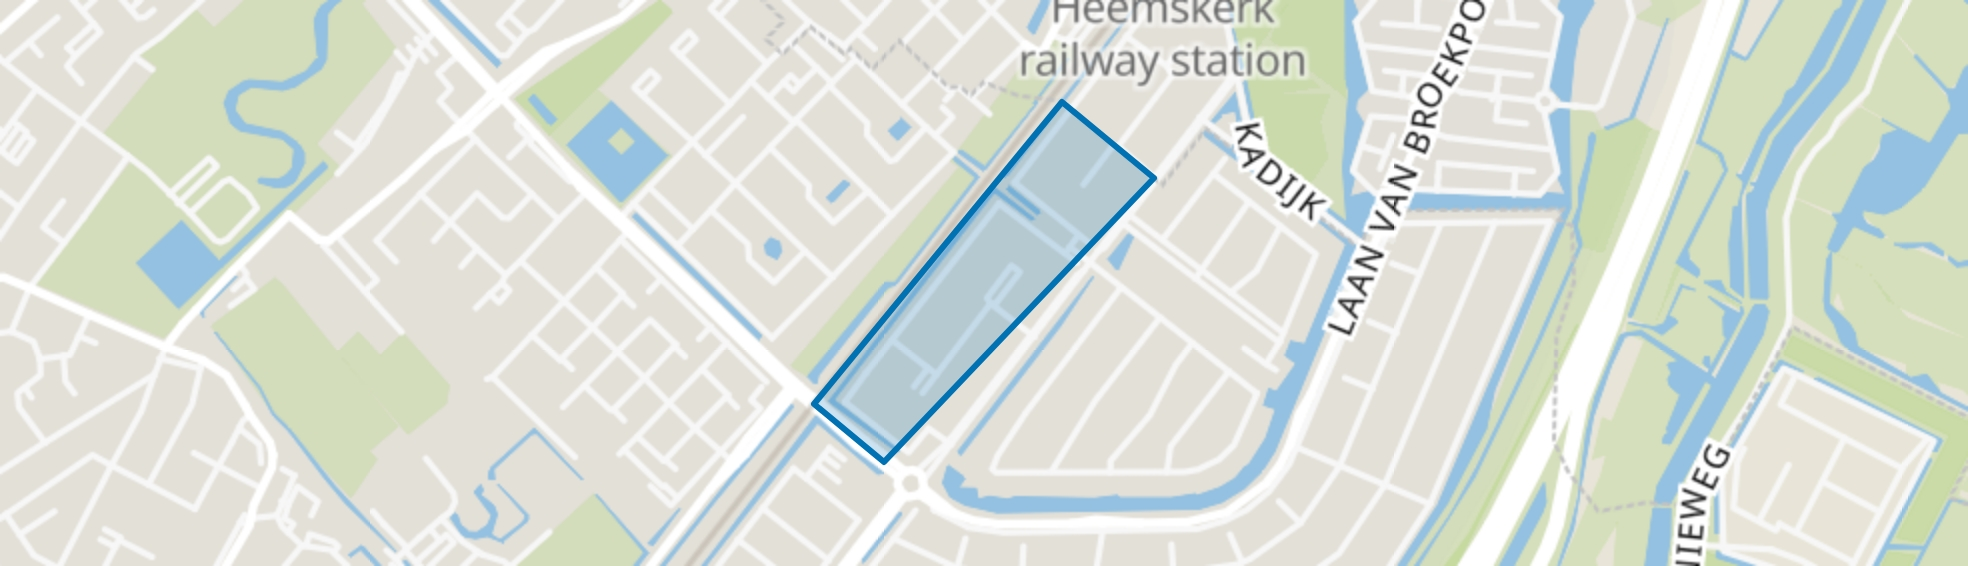 De Ladder Noord, Beverwijk map